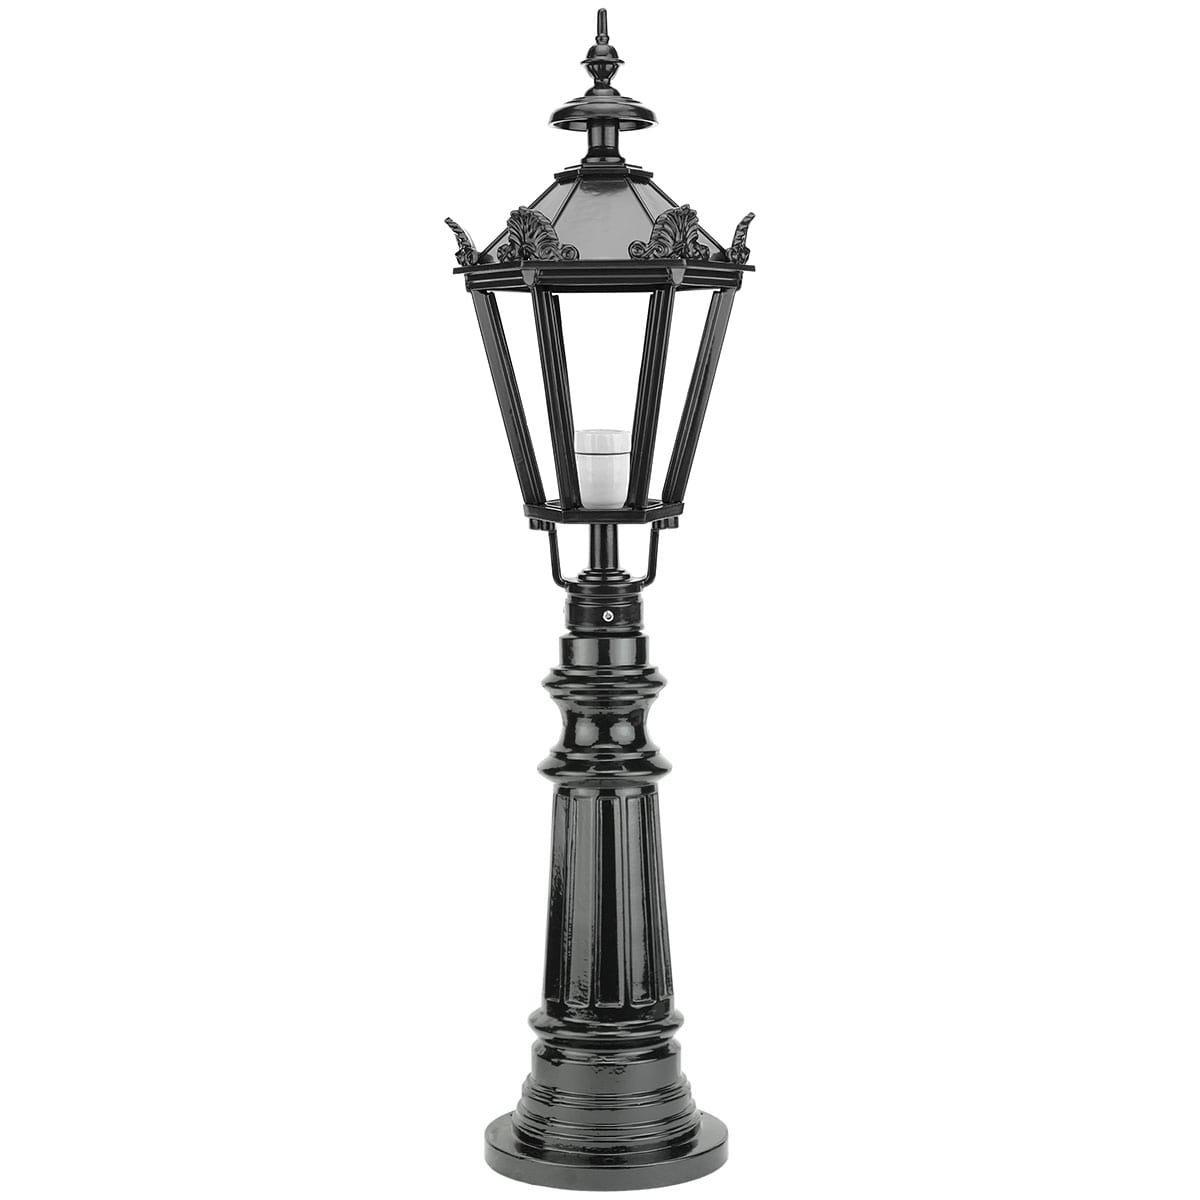 Buitenverlichting Klassiek Landelijk Tuinlamp Oldambt met kronen - 98 cm